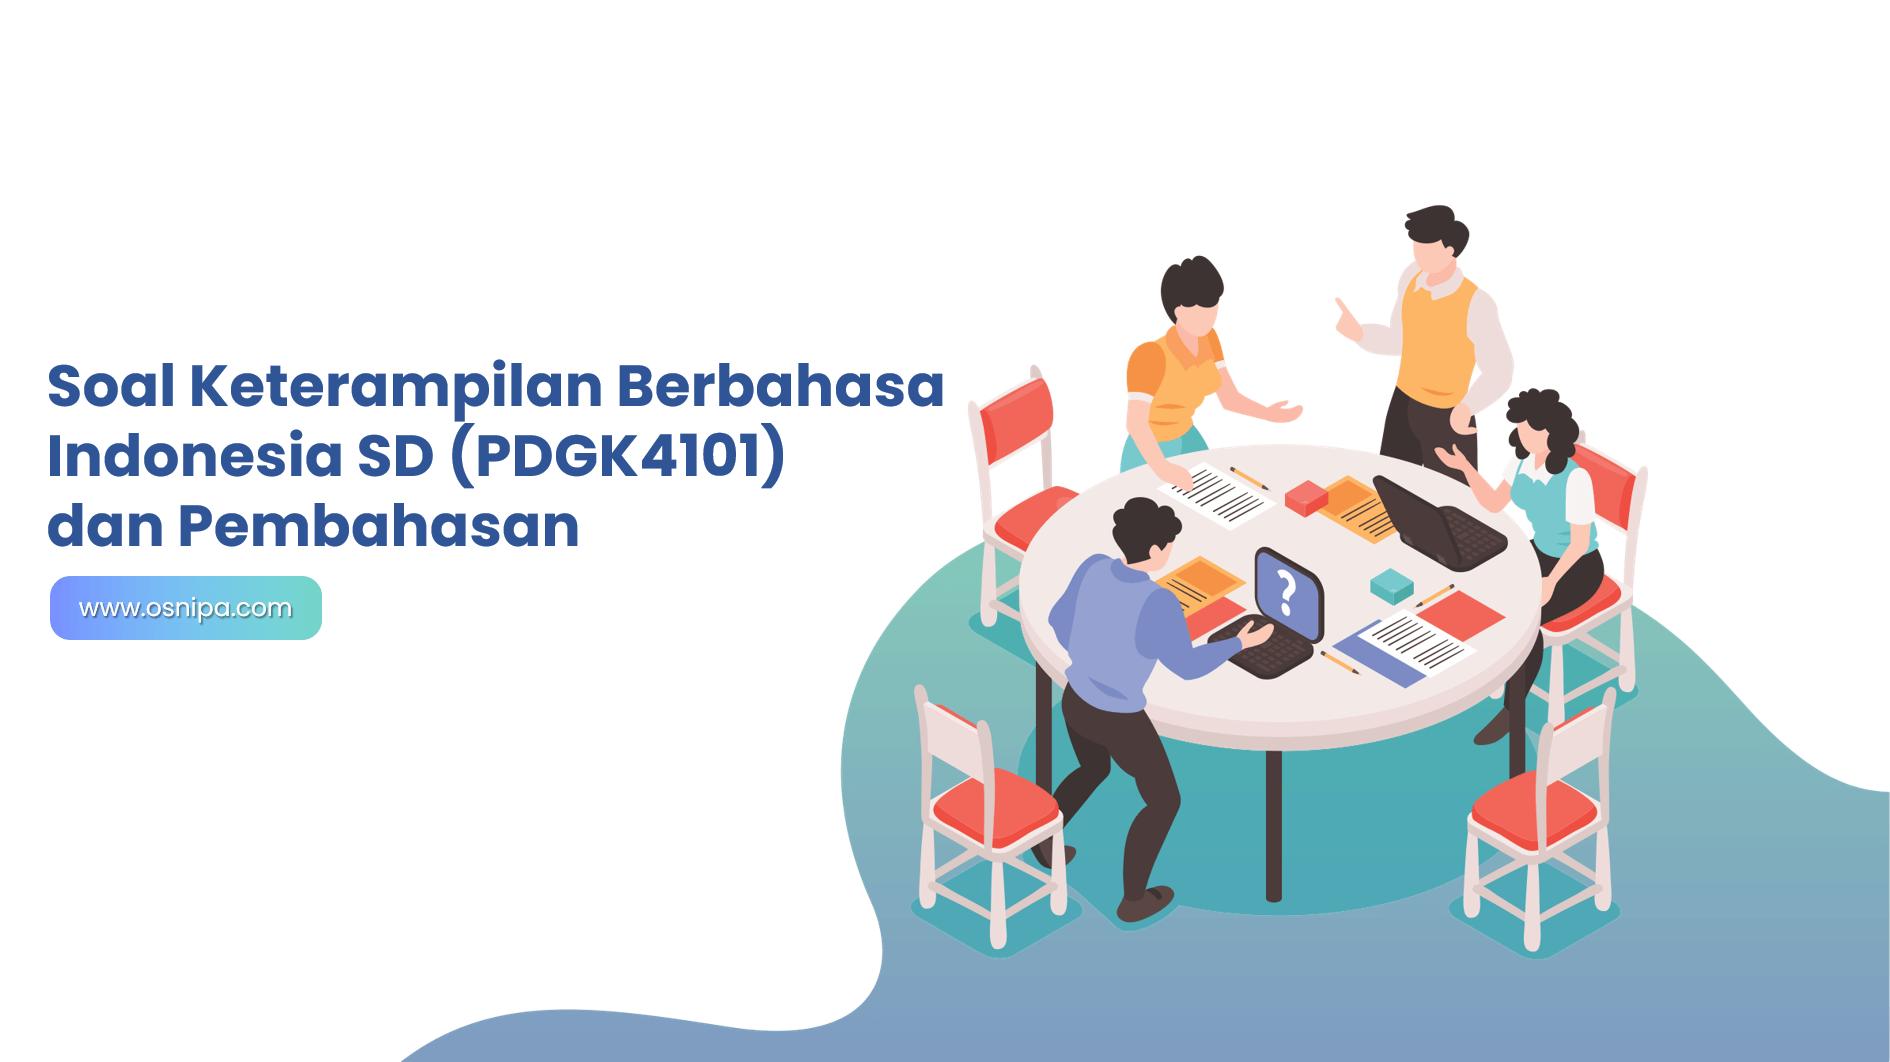 Soal Keterampilan Berbahasa Indonesia SD (PDGK4101) dan Pembahasan